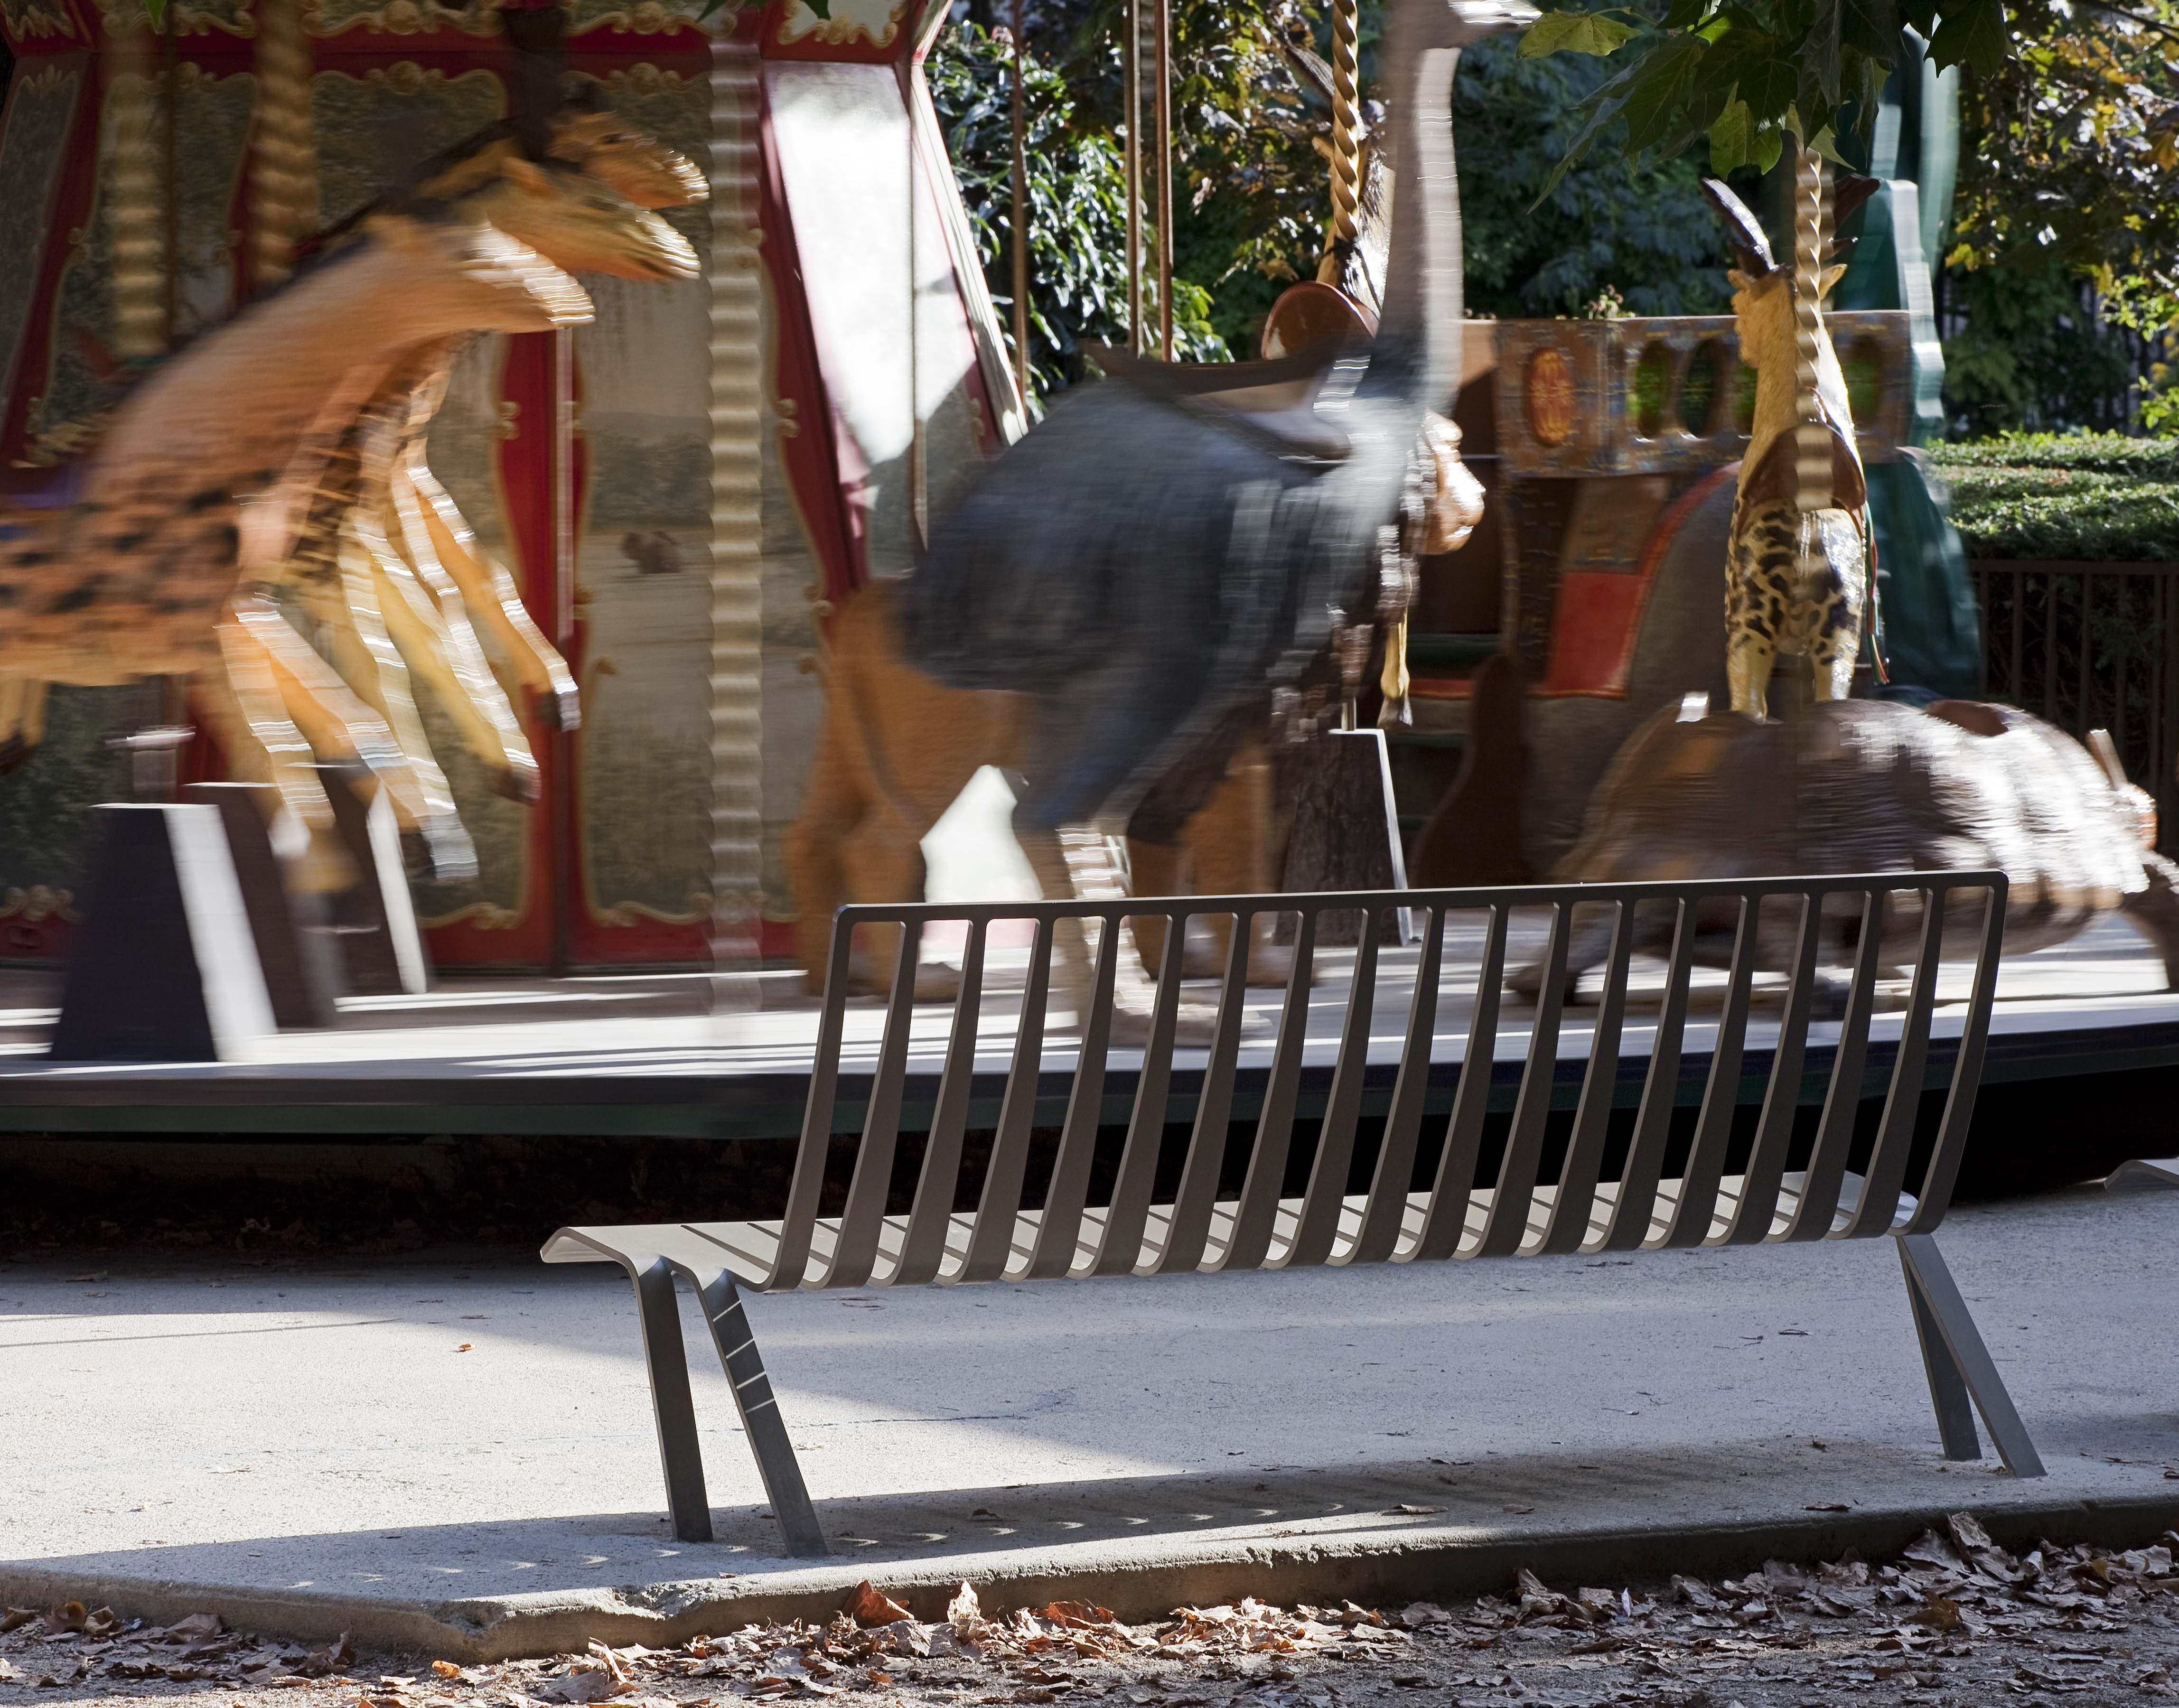 mobilier du jardin des plantes de paris explorationsarchitecture culture ouvrages d 39 art